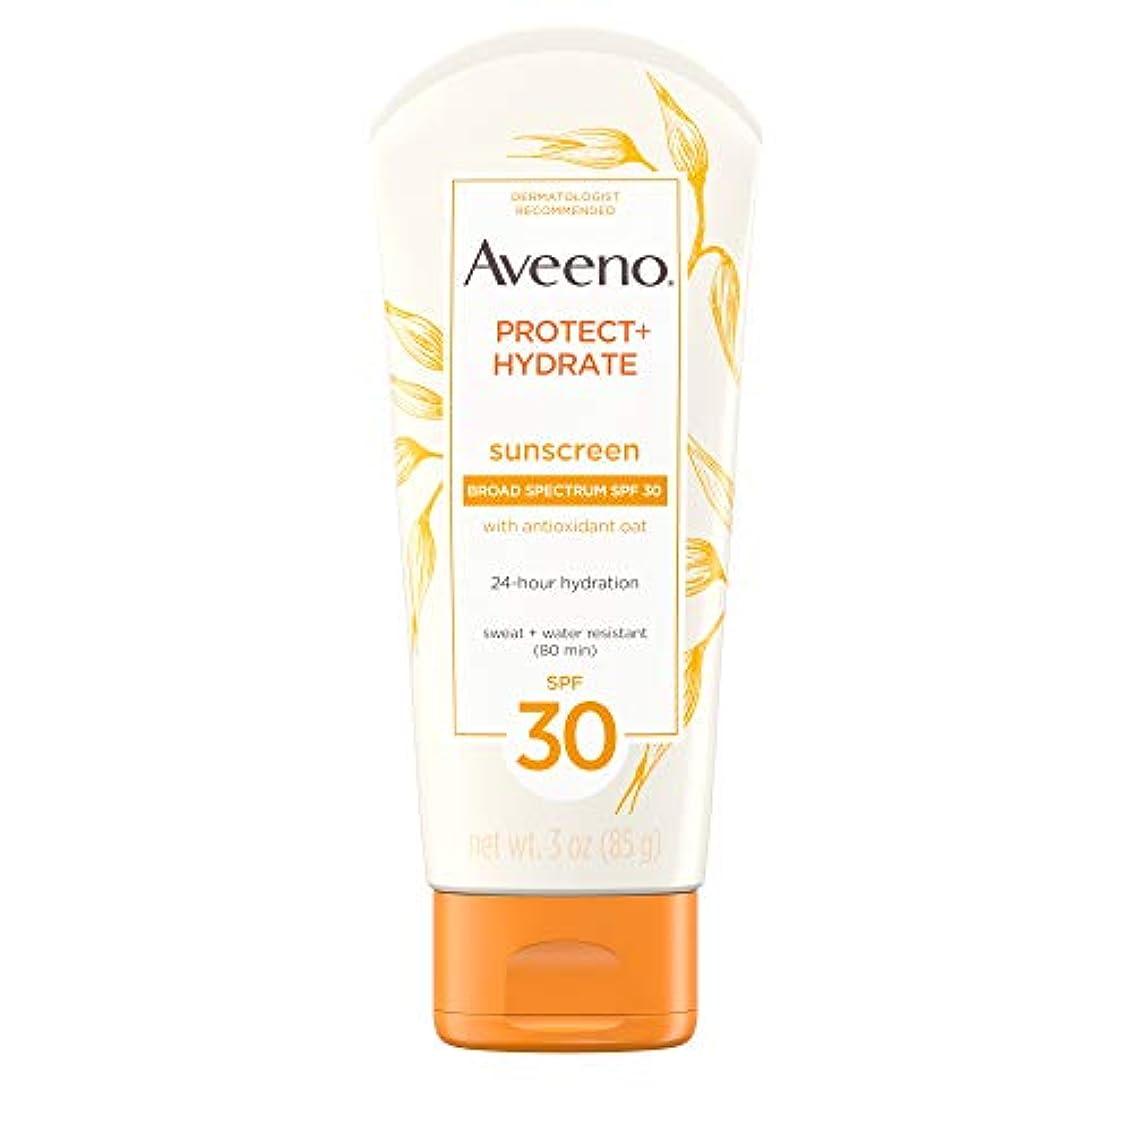 補足うまくやる()大聖堂Aveeno アビーノ 日焼け止め ローションSPF-30 protect+hydrate Sunscreen Lotion(平行輸入品) 85g (3Oz)